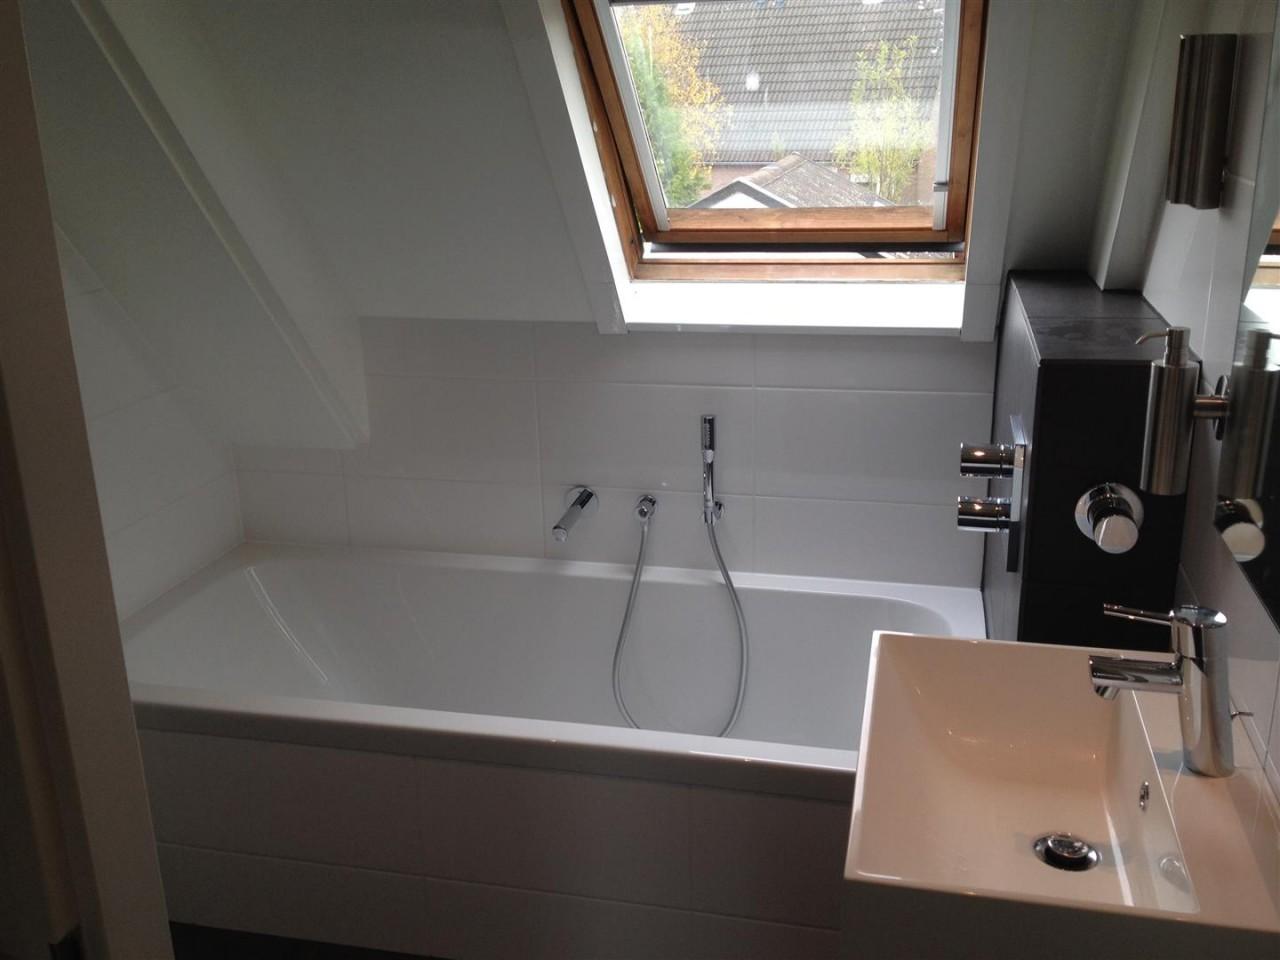 Ontwerp Badkamer Maken : Ontwerp badkamers installatiebedrijf p buist